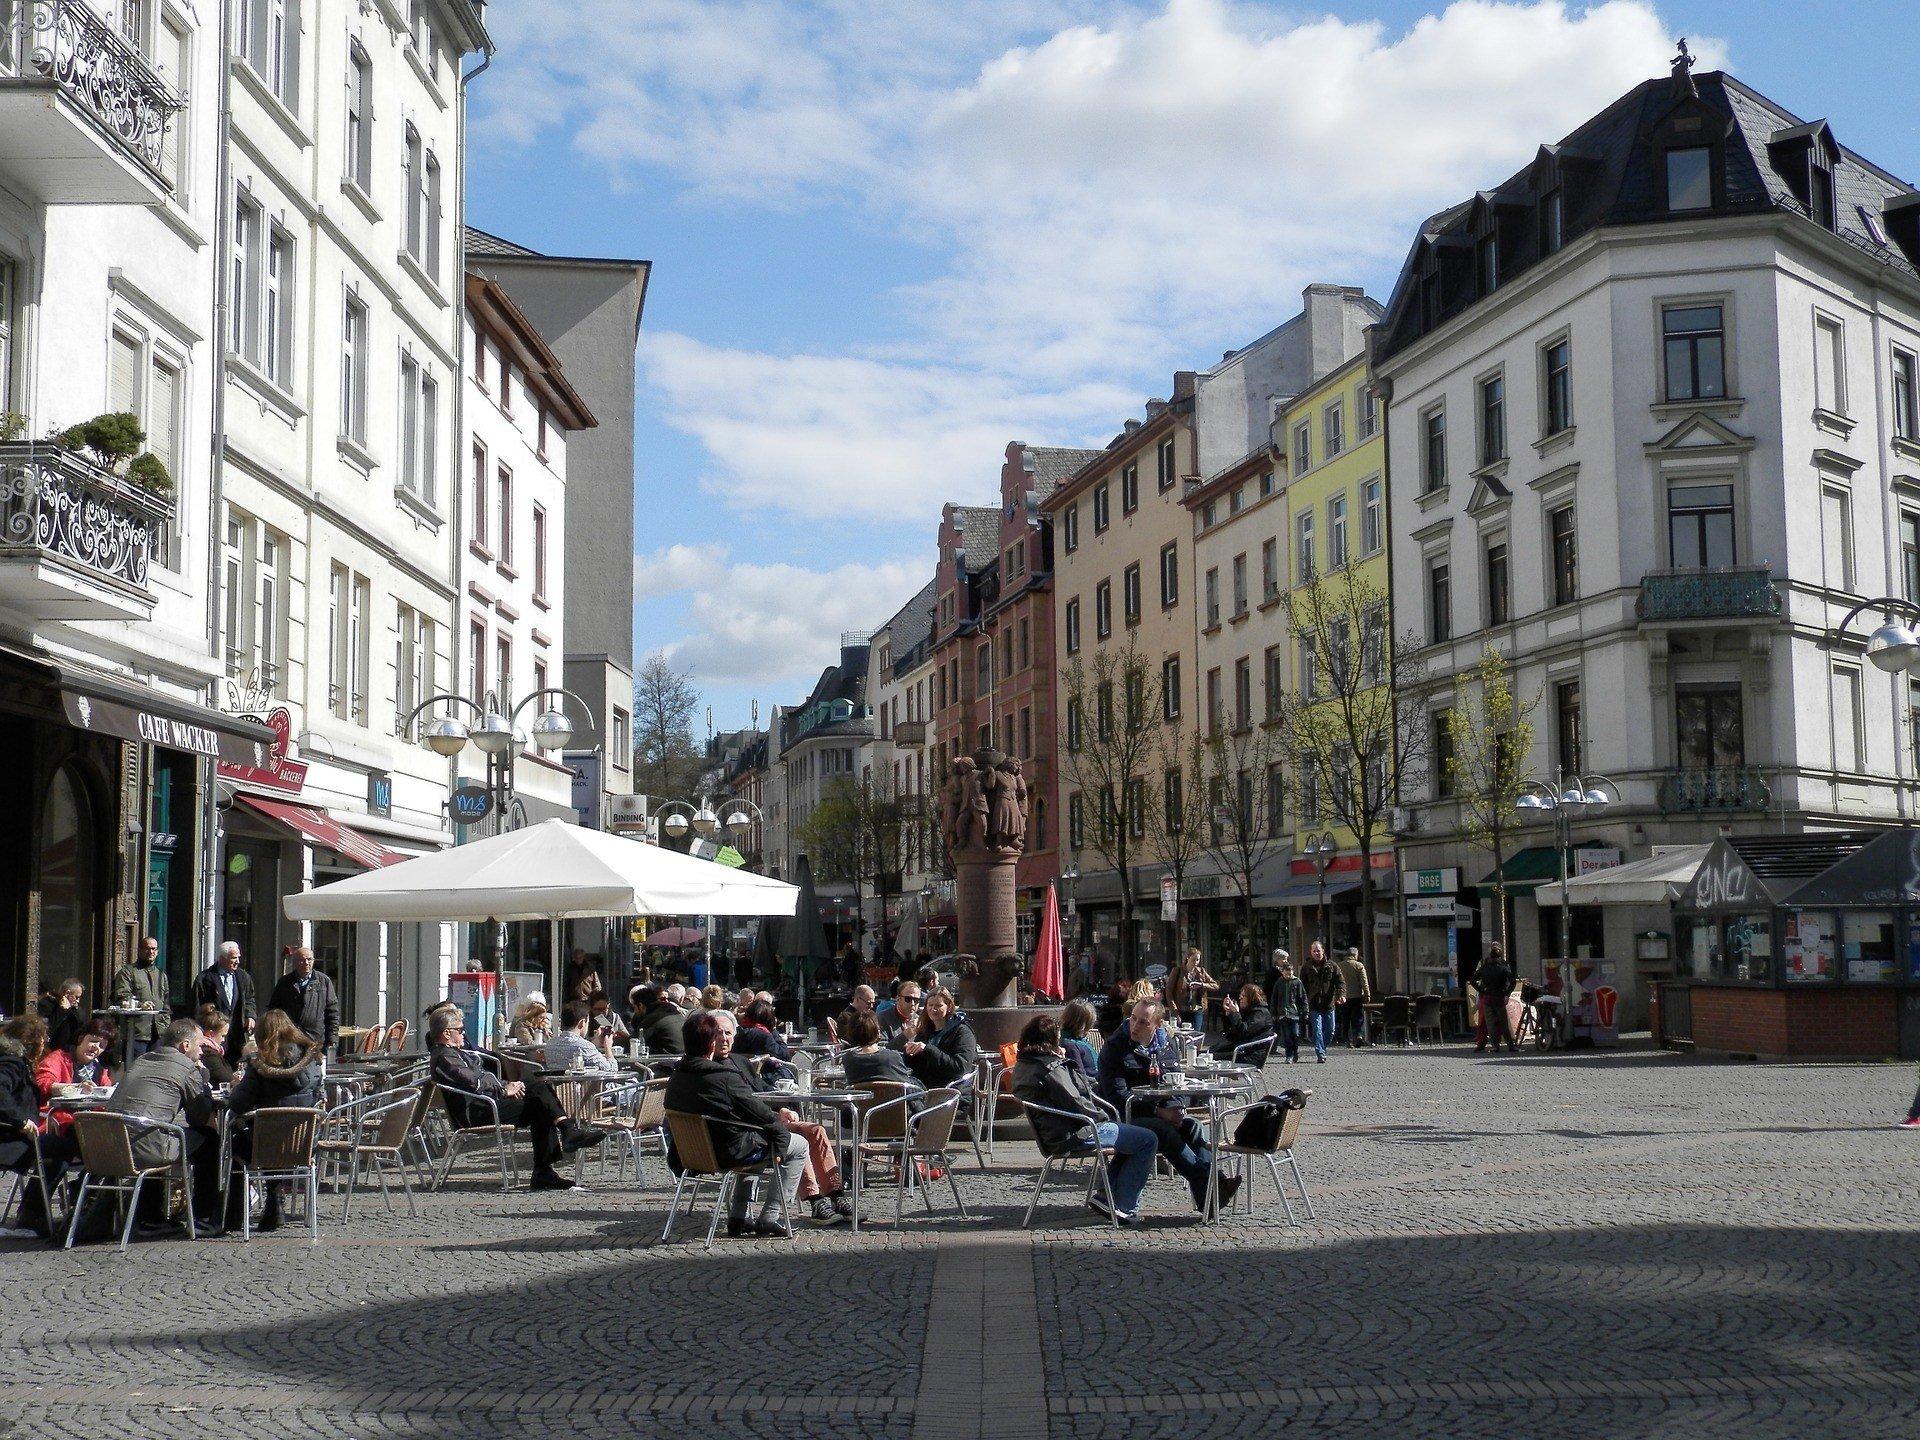 Bornheim, Frankfurt